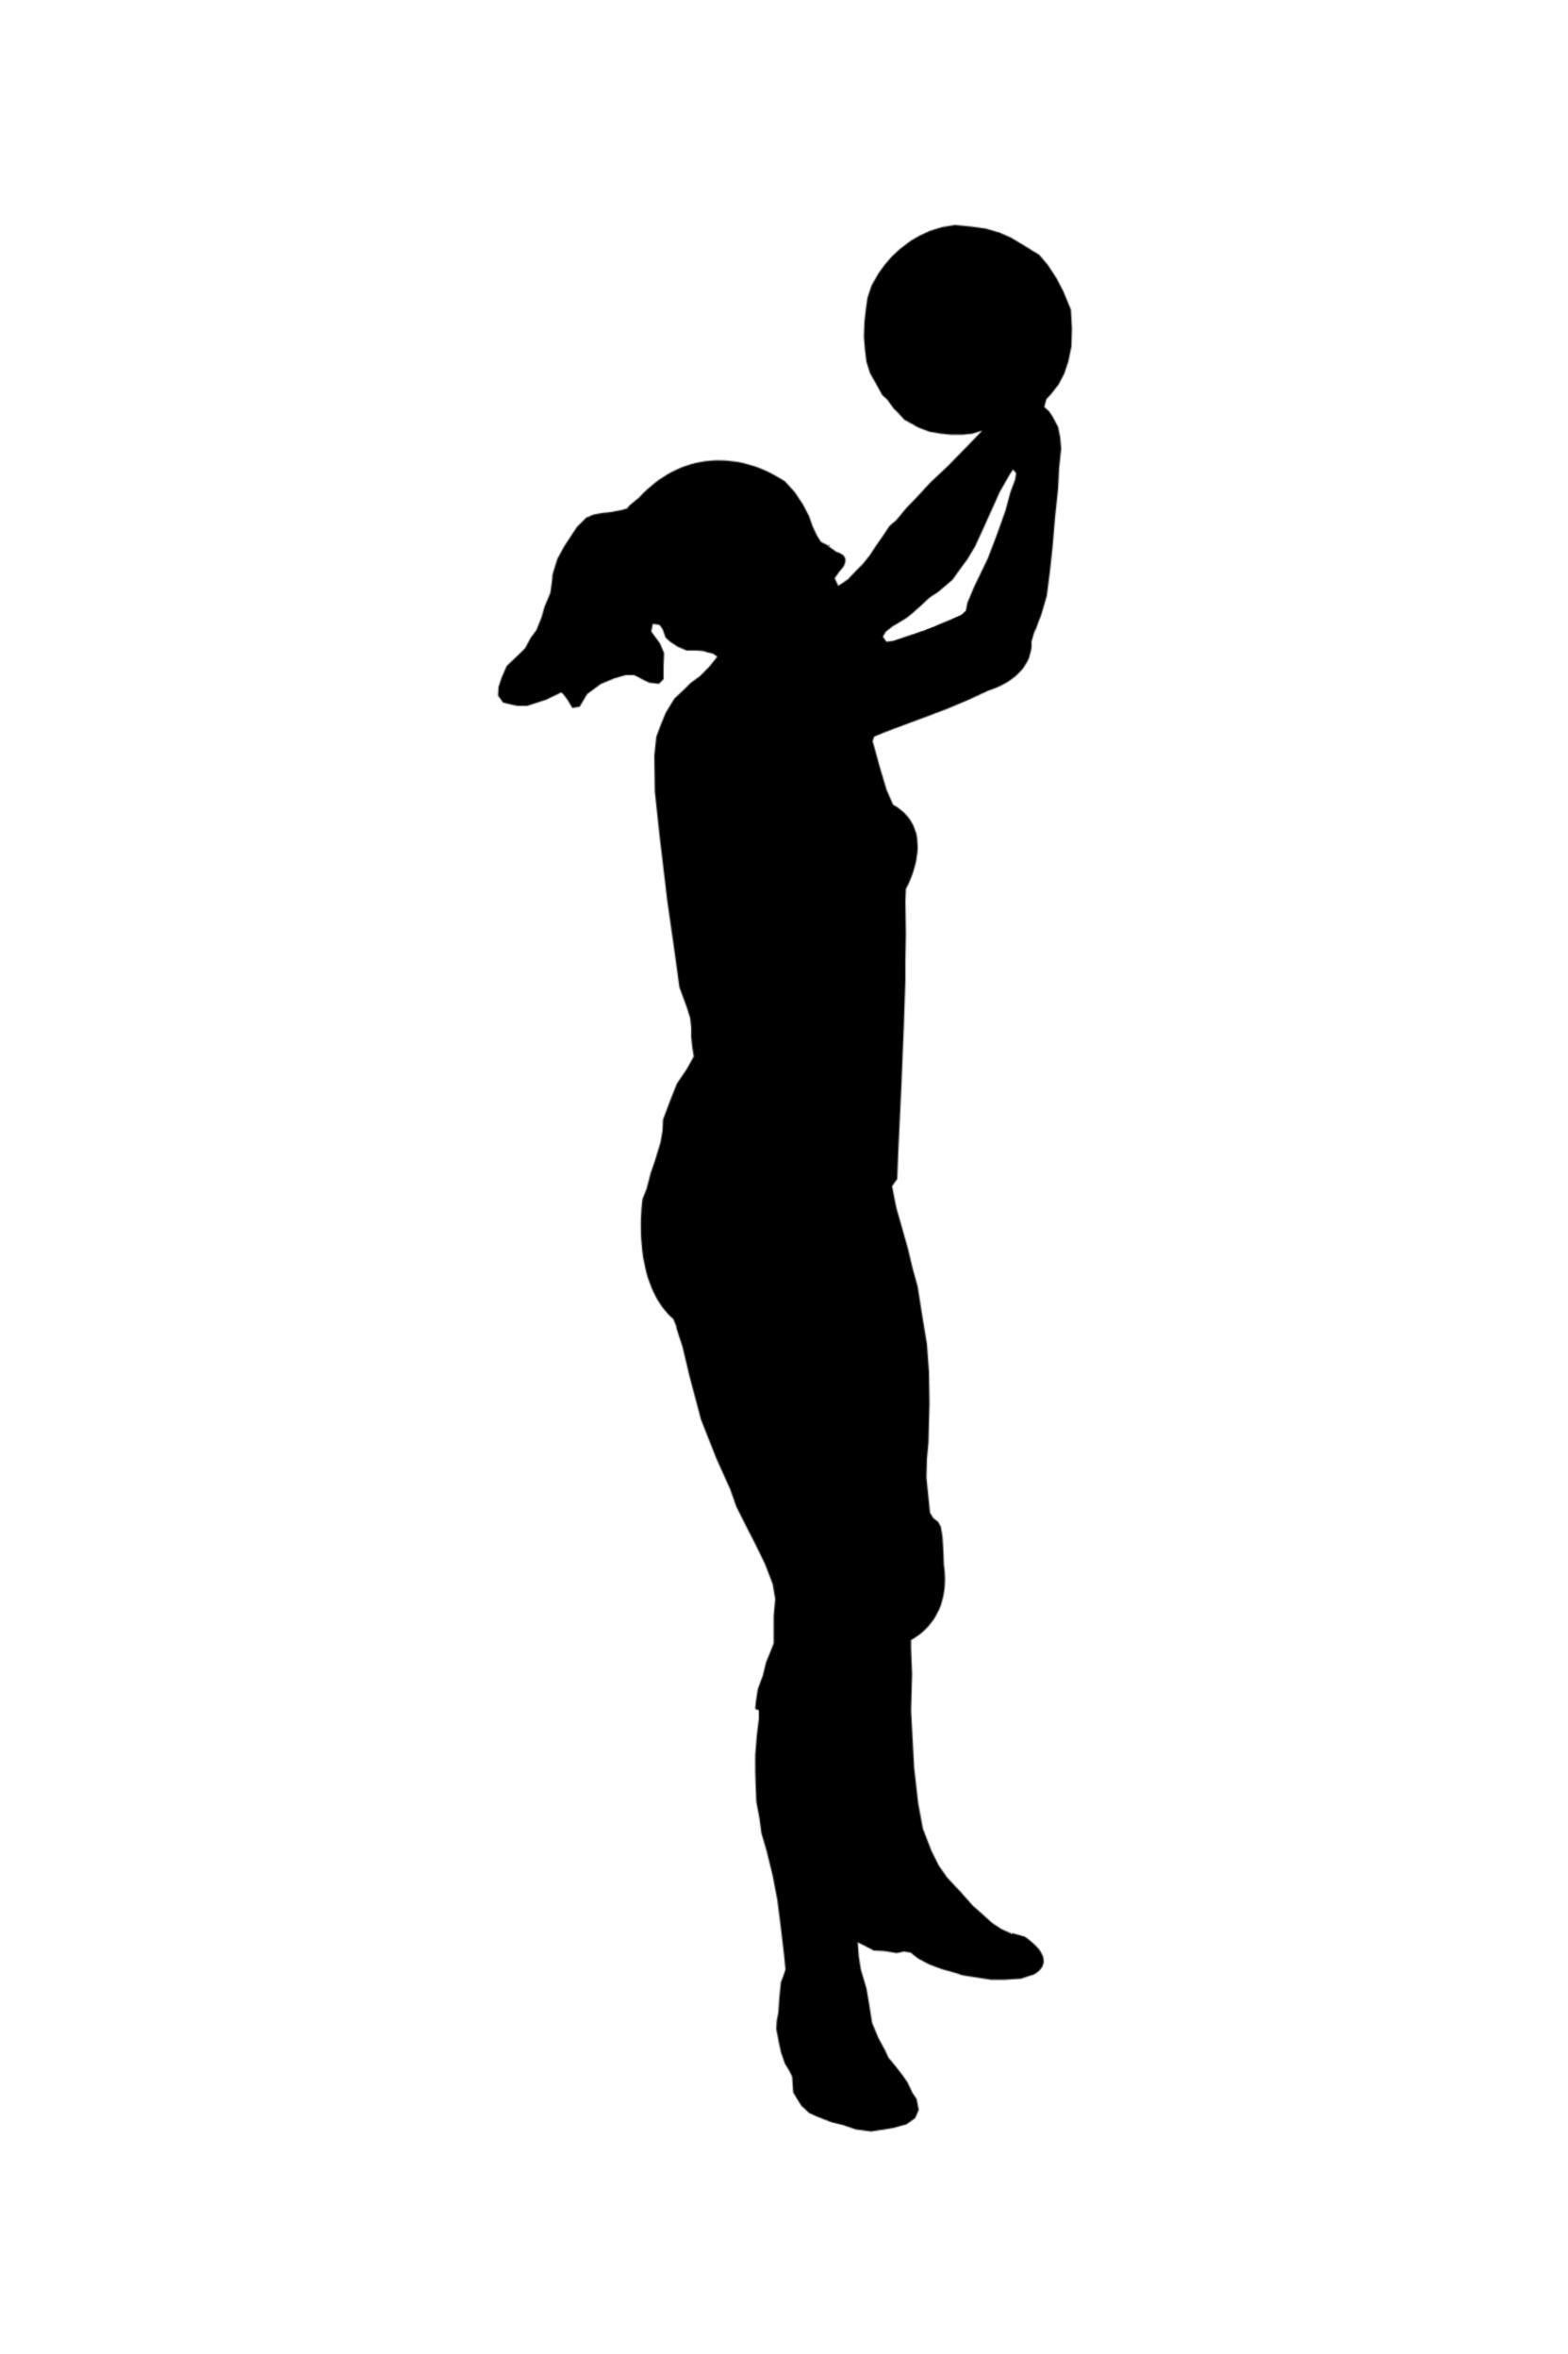 Girl Basketball Player Outline Clipart F-Girl Basketball Player Outline Clipart Free Clip Art Images-16